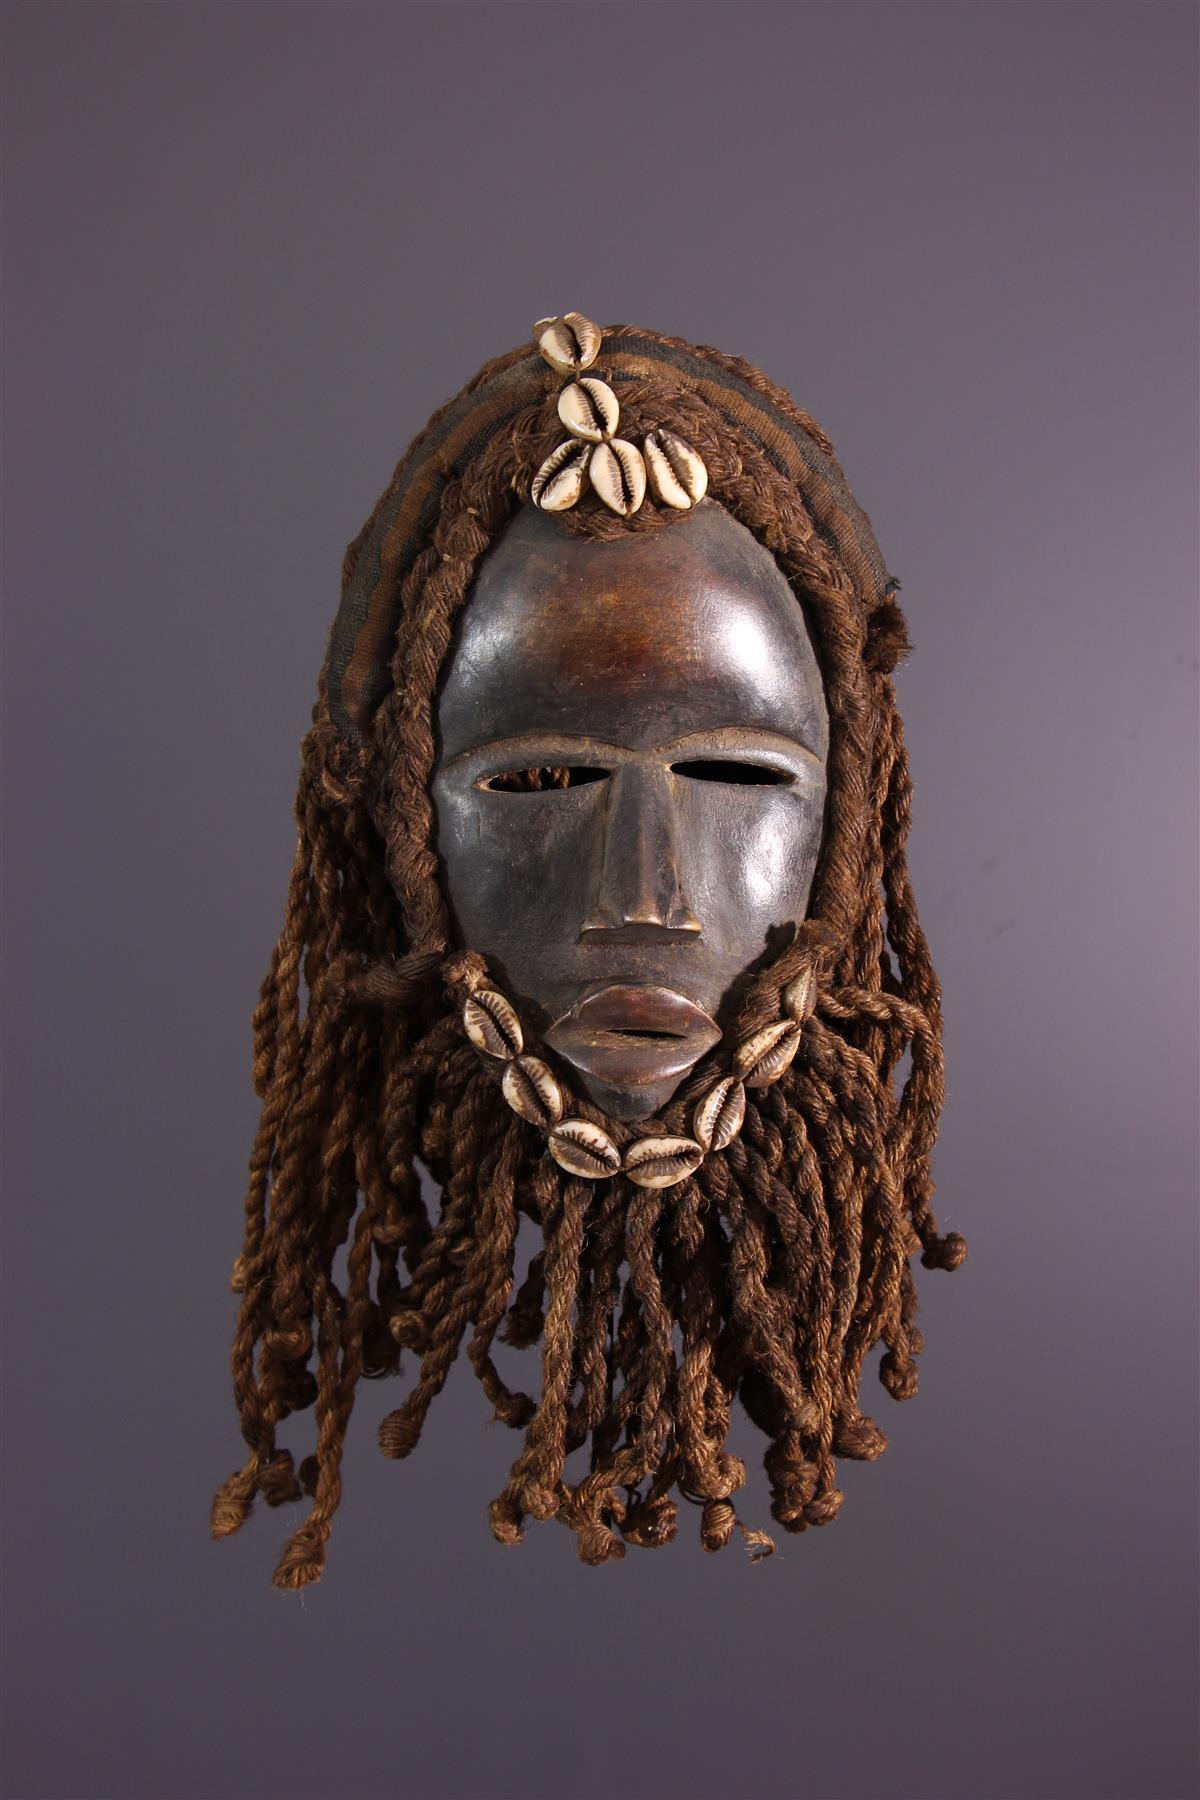 Ivory Coast Mask - African art